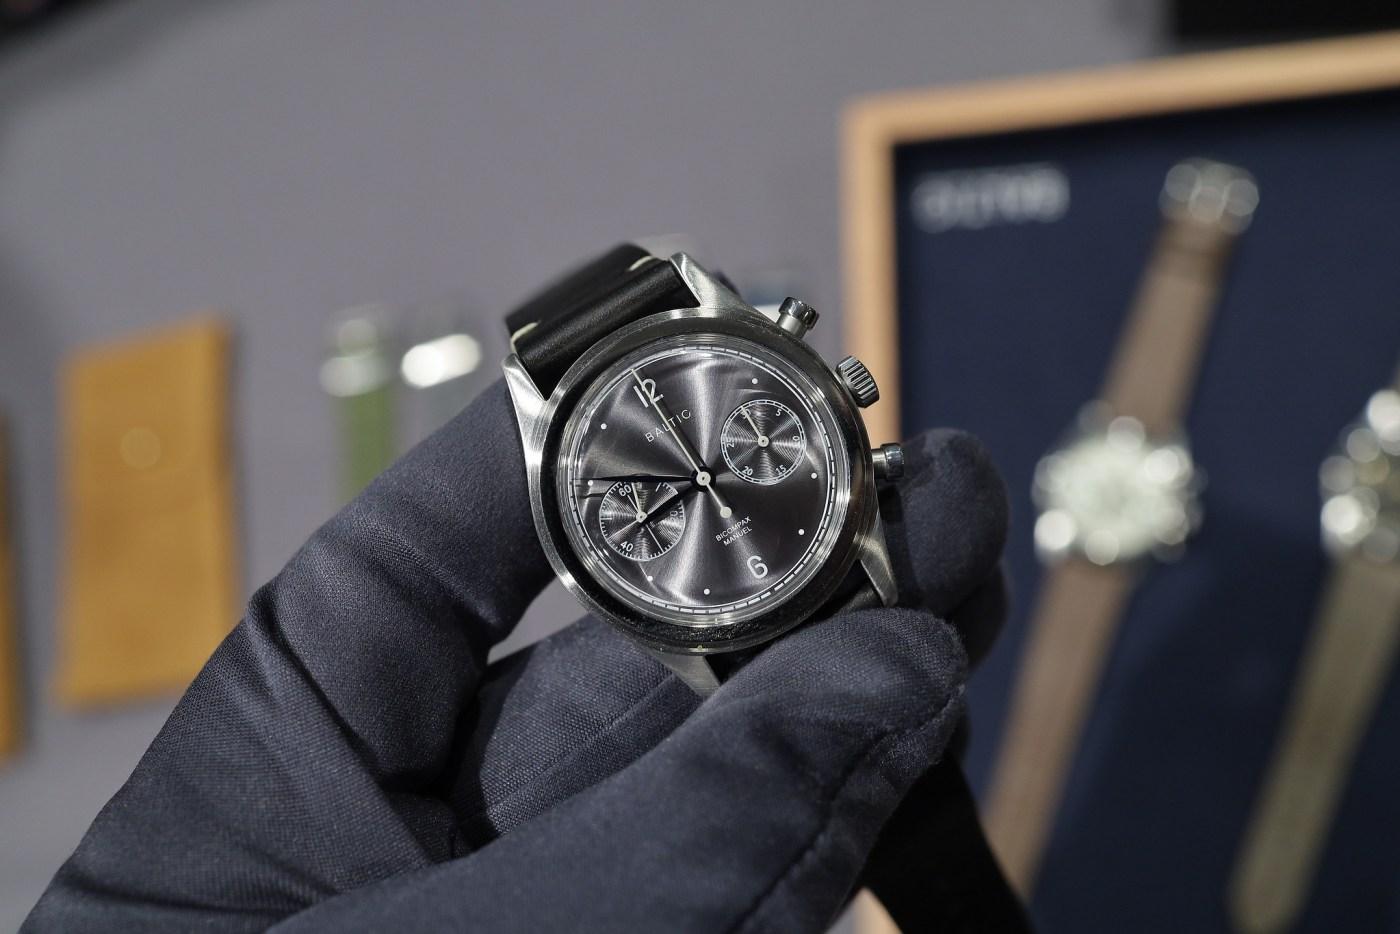 Baltic Bicompax 001 Slate gray dial chronograph